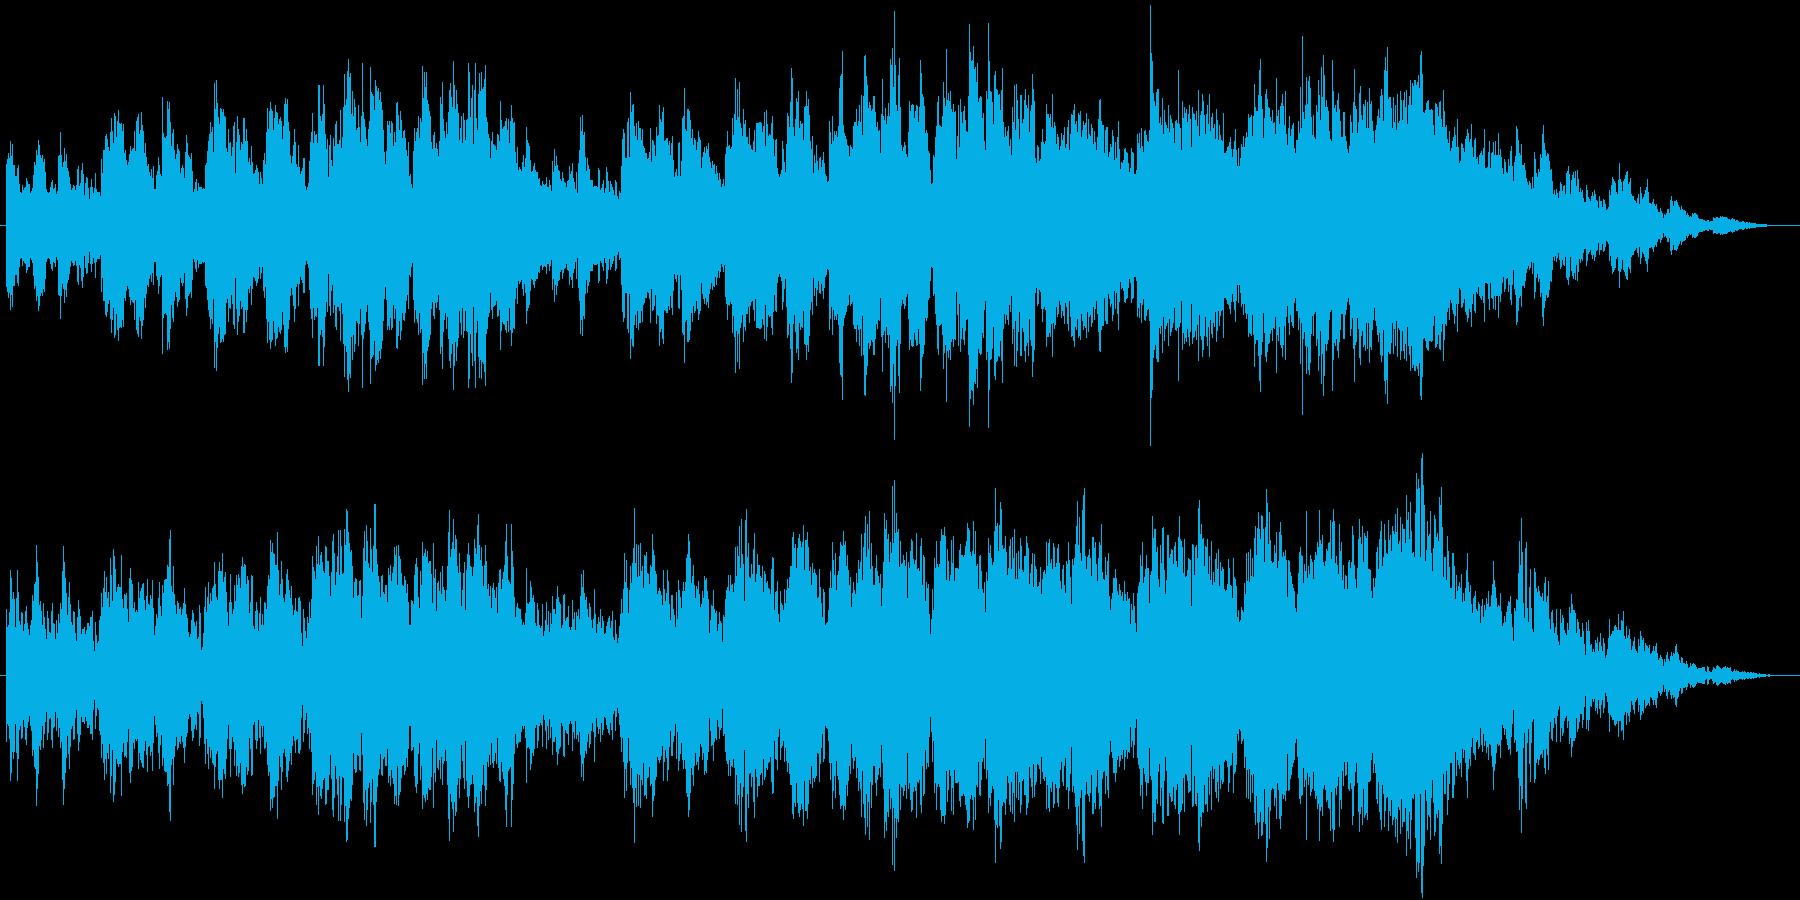 孤独や暗さを演出した幻想的なBGMですの再生済みの波形